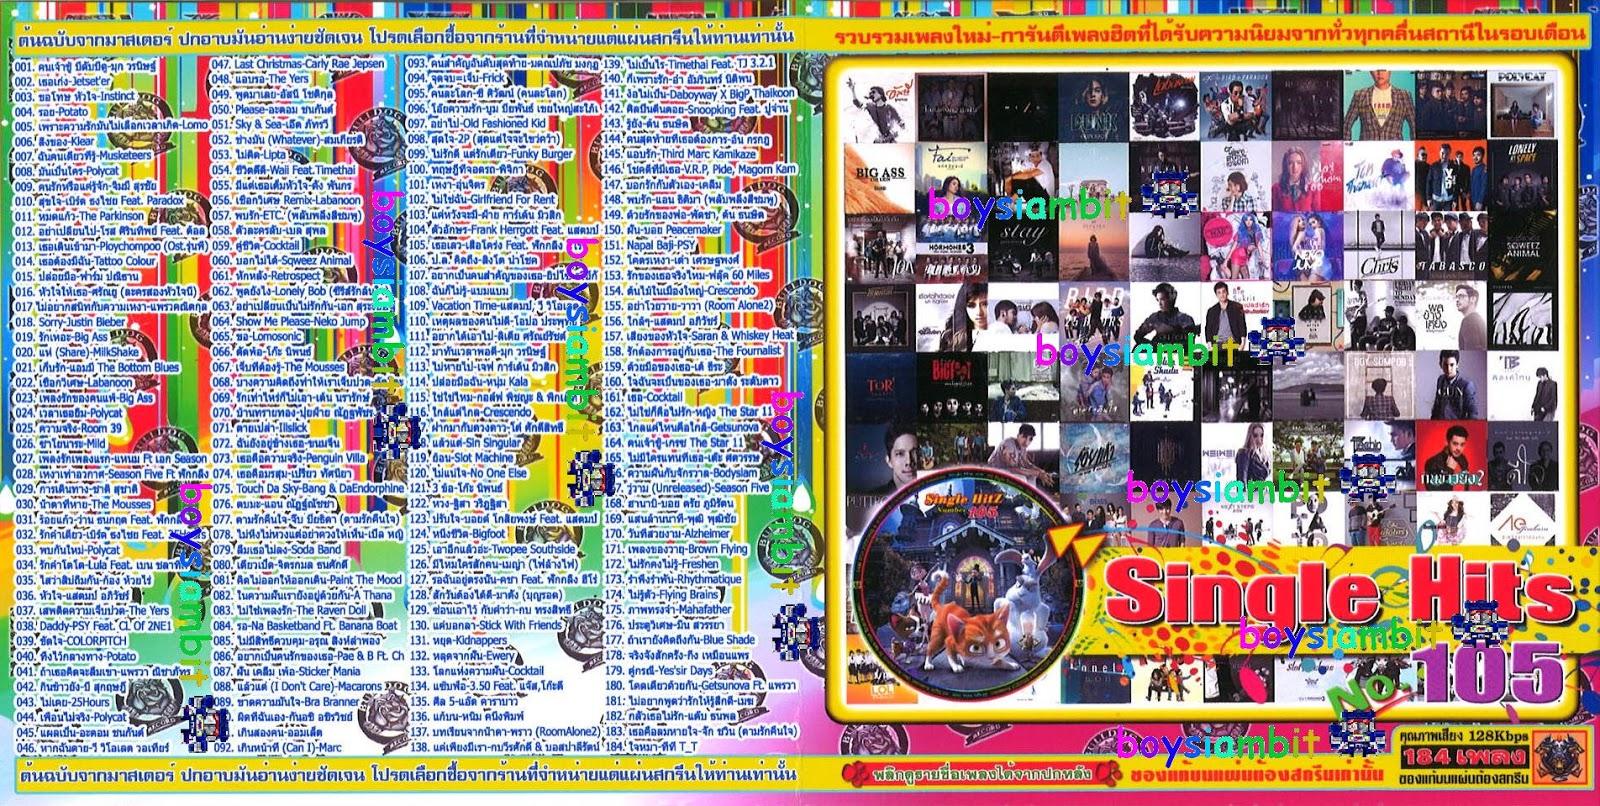 Download [Mp3]-[Hot New] รวมเพลงซิงเกิ้ลใหม่ไทยสตริงเพราะๆ ส่งท้ายปีเก่า 2558 ต้อนรับปีใหม่ 2559 Single Hits Number 105 4shared By Pleng-mun.com